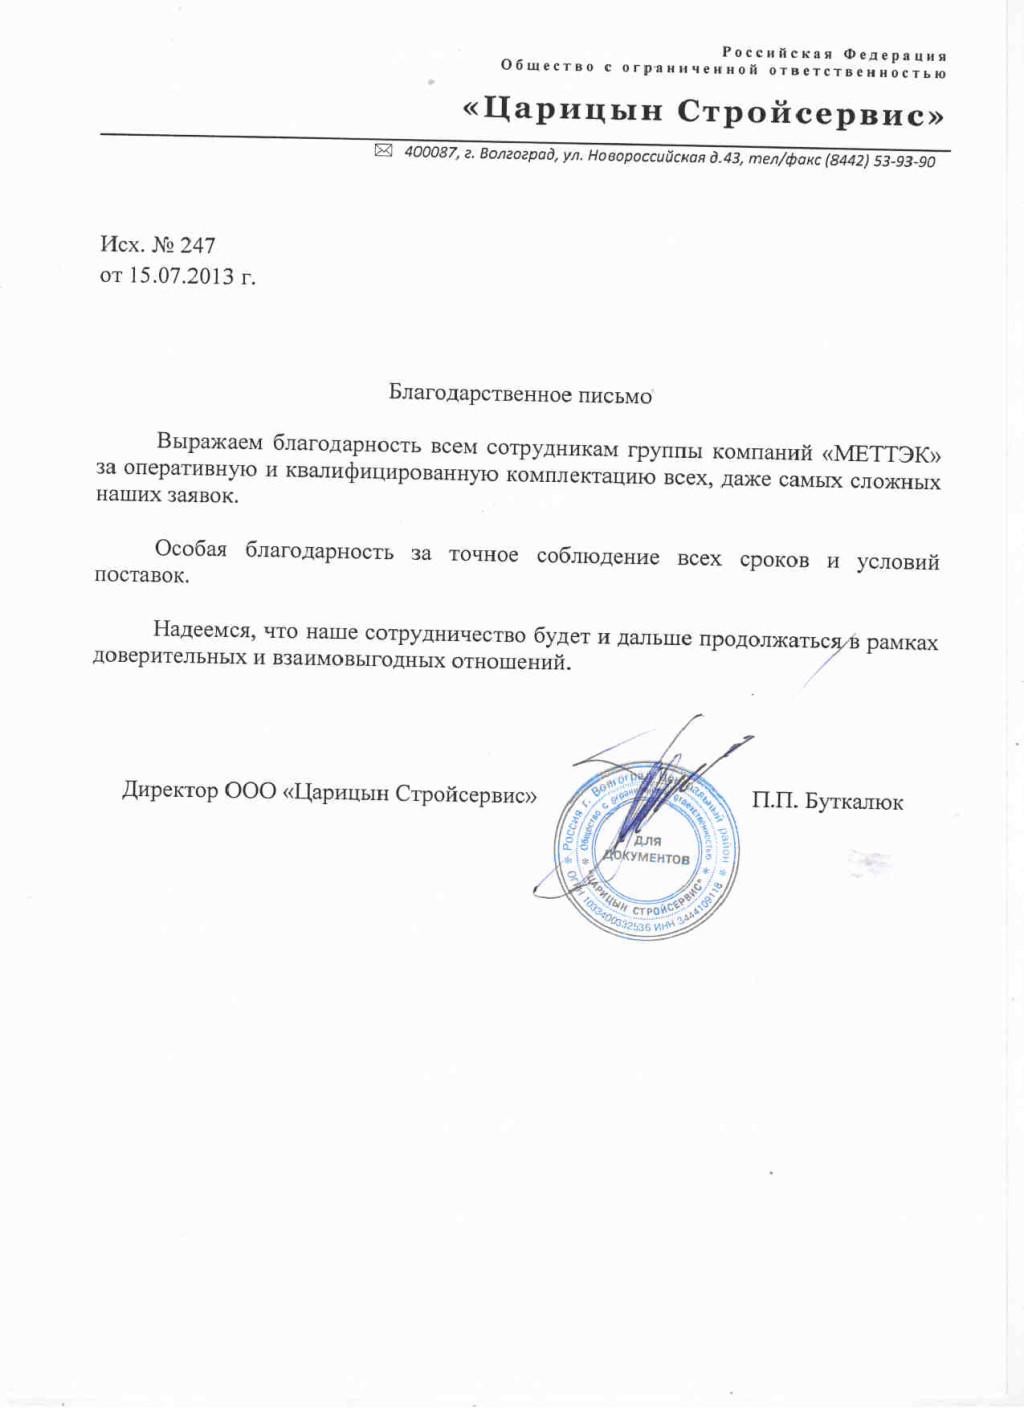 Царицын Стройсервис